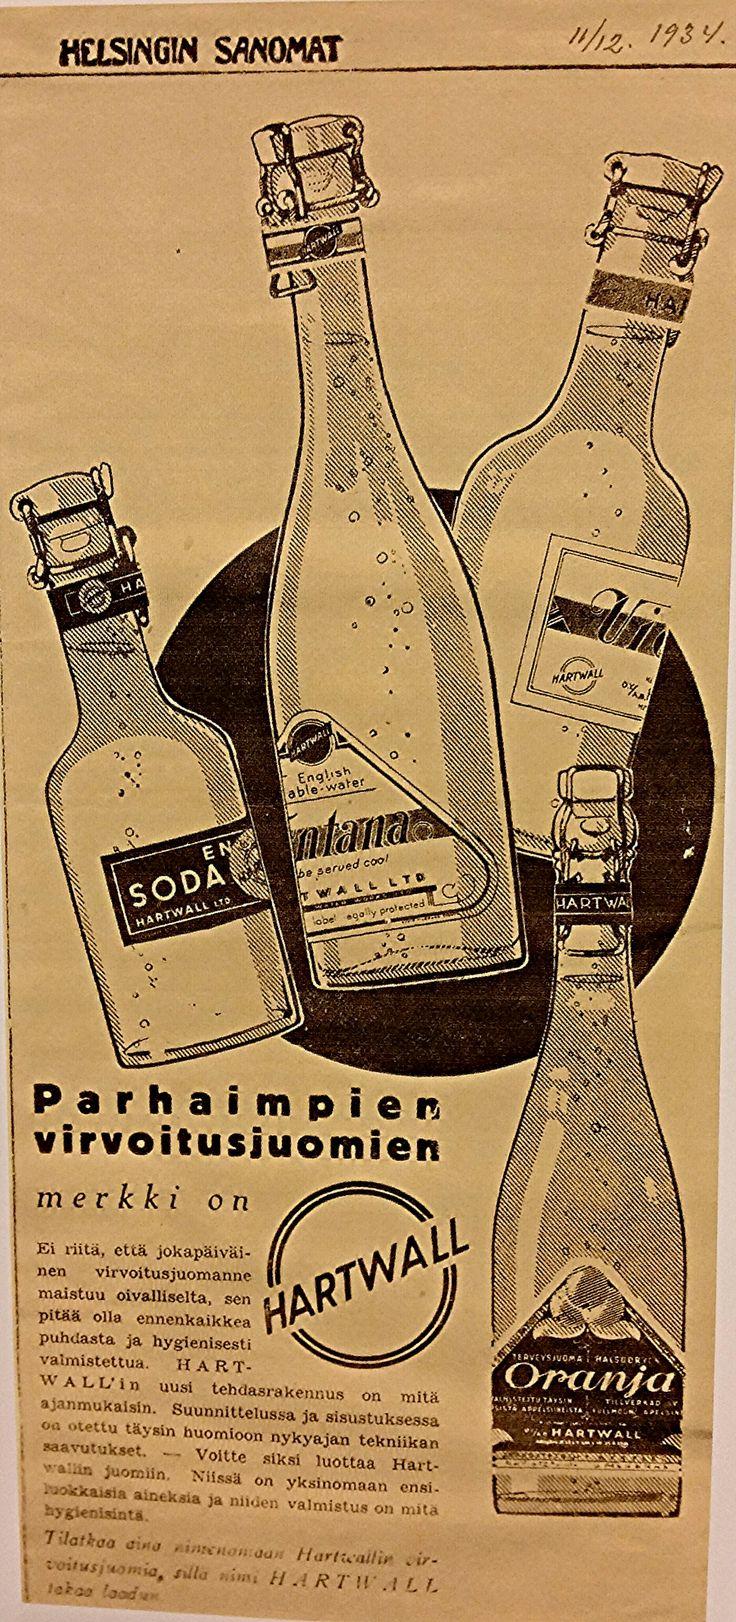 Hartwall mainos Helsingin Sanomissa vuonna 1934.